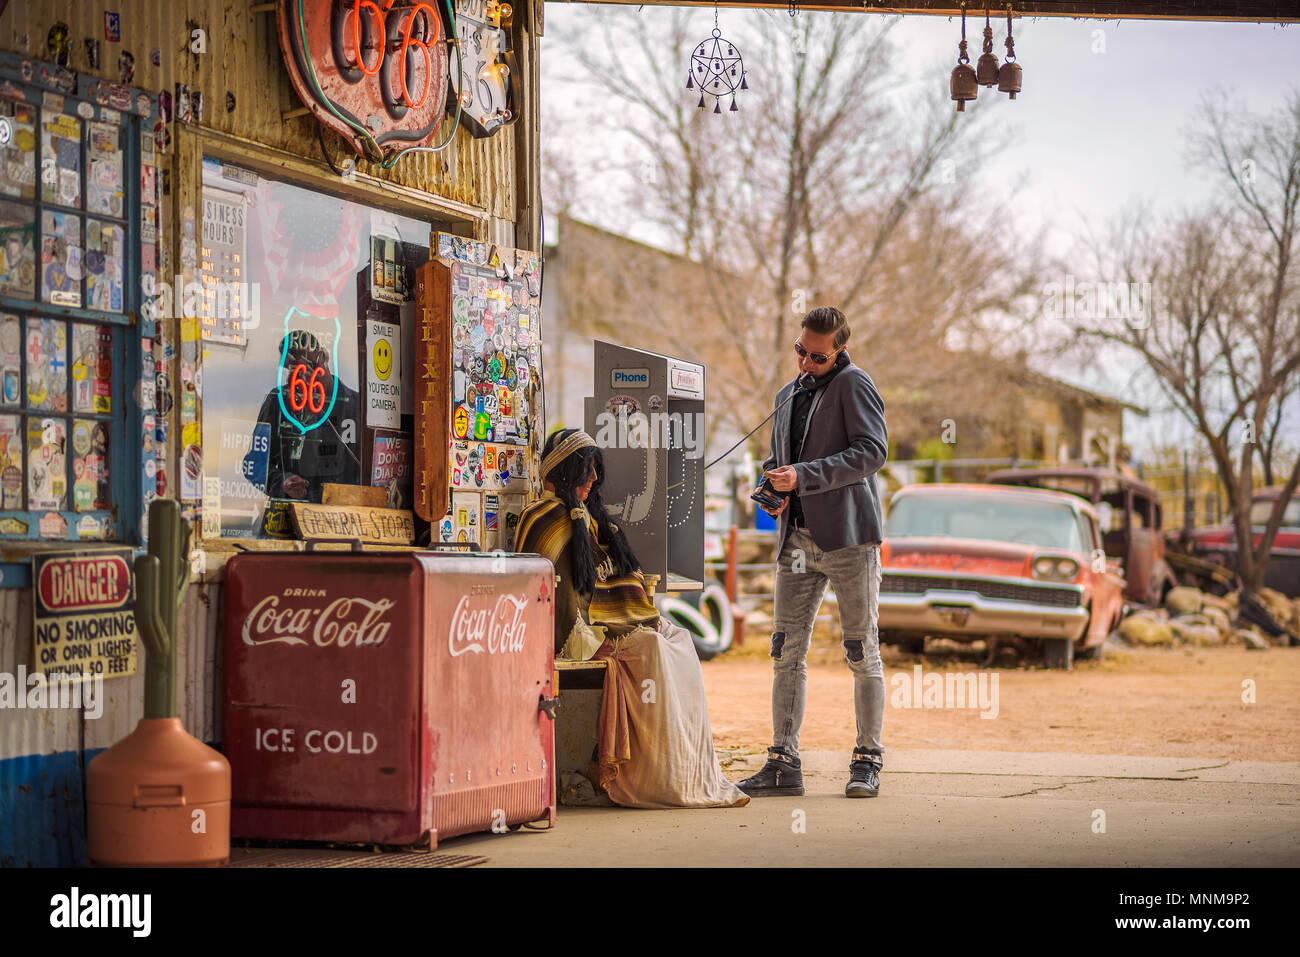 Giovane uomo utilizza un telefono vintage a un retro stazione di gas Immagini Stock